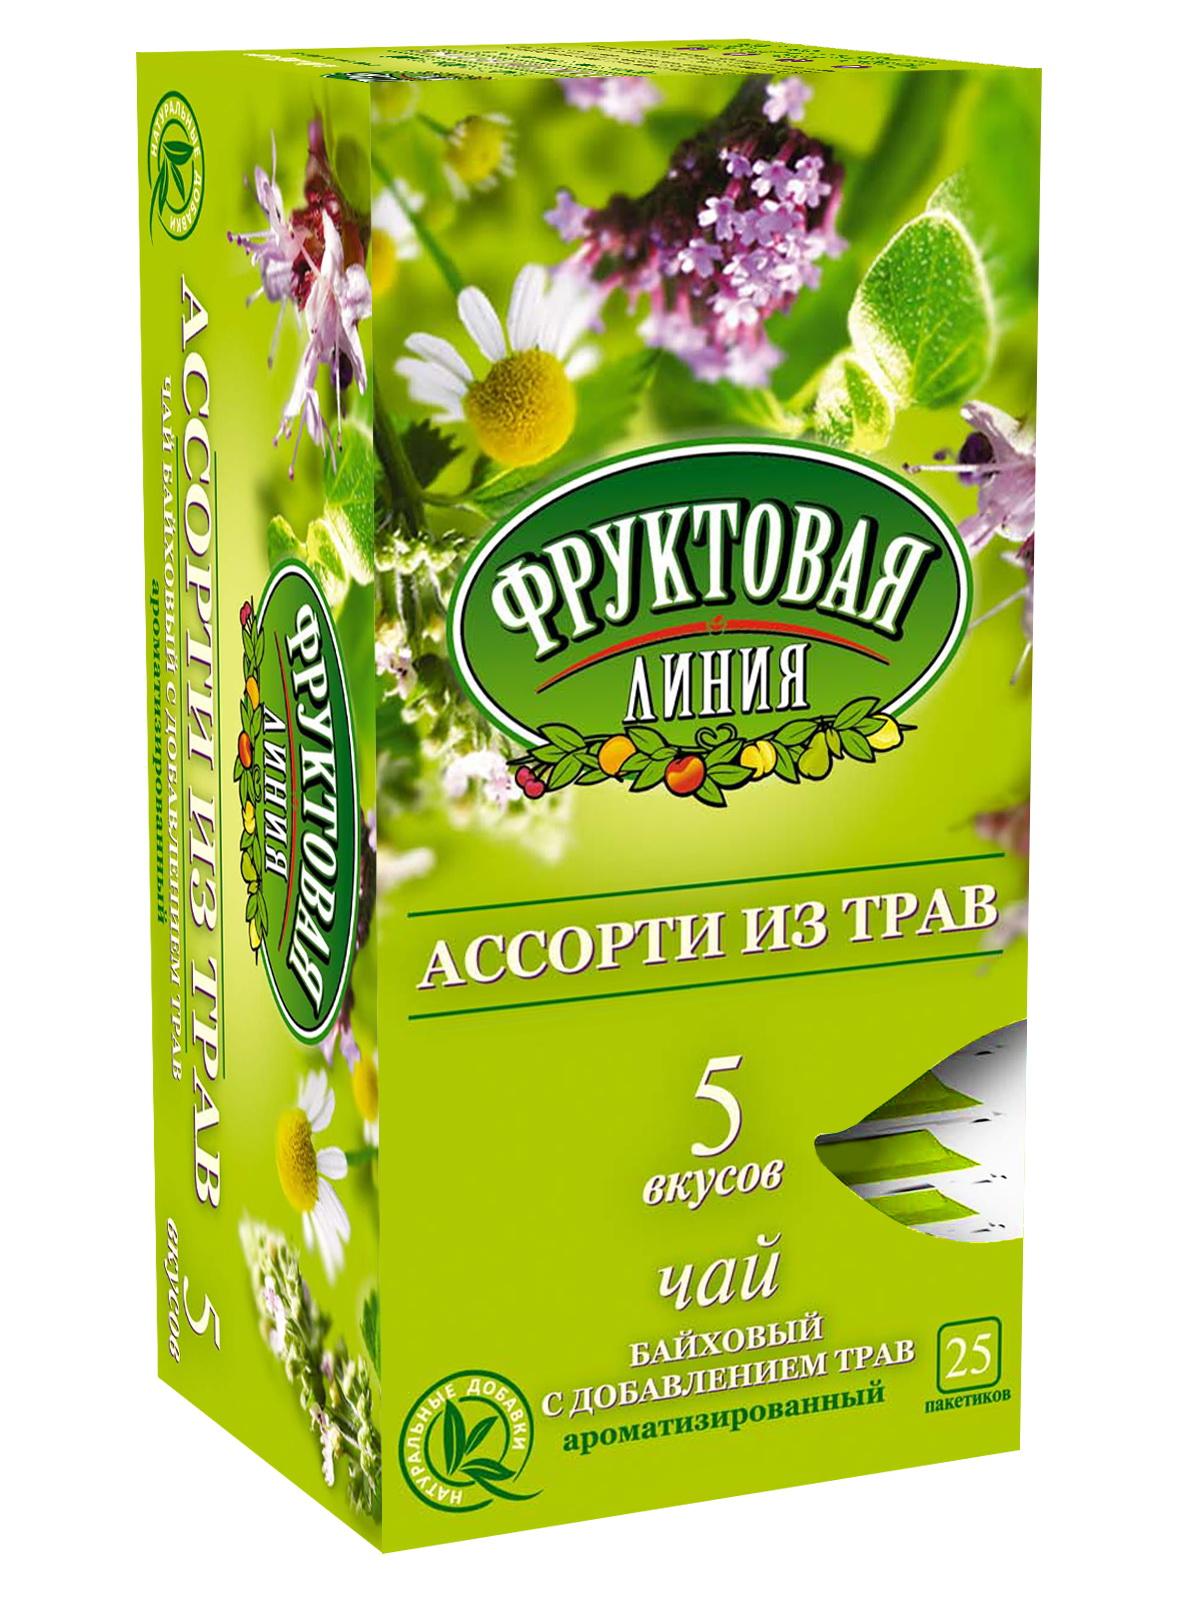 Фруктовая линия Ассорти травяной чай в пакетиках, 25 шт0120710Фруктовая линия - это яркая коллекция смеси черного, зеленого и цветочного чаев с восхитительными ароматами в популярном формате Ассорти.